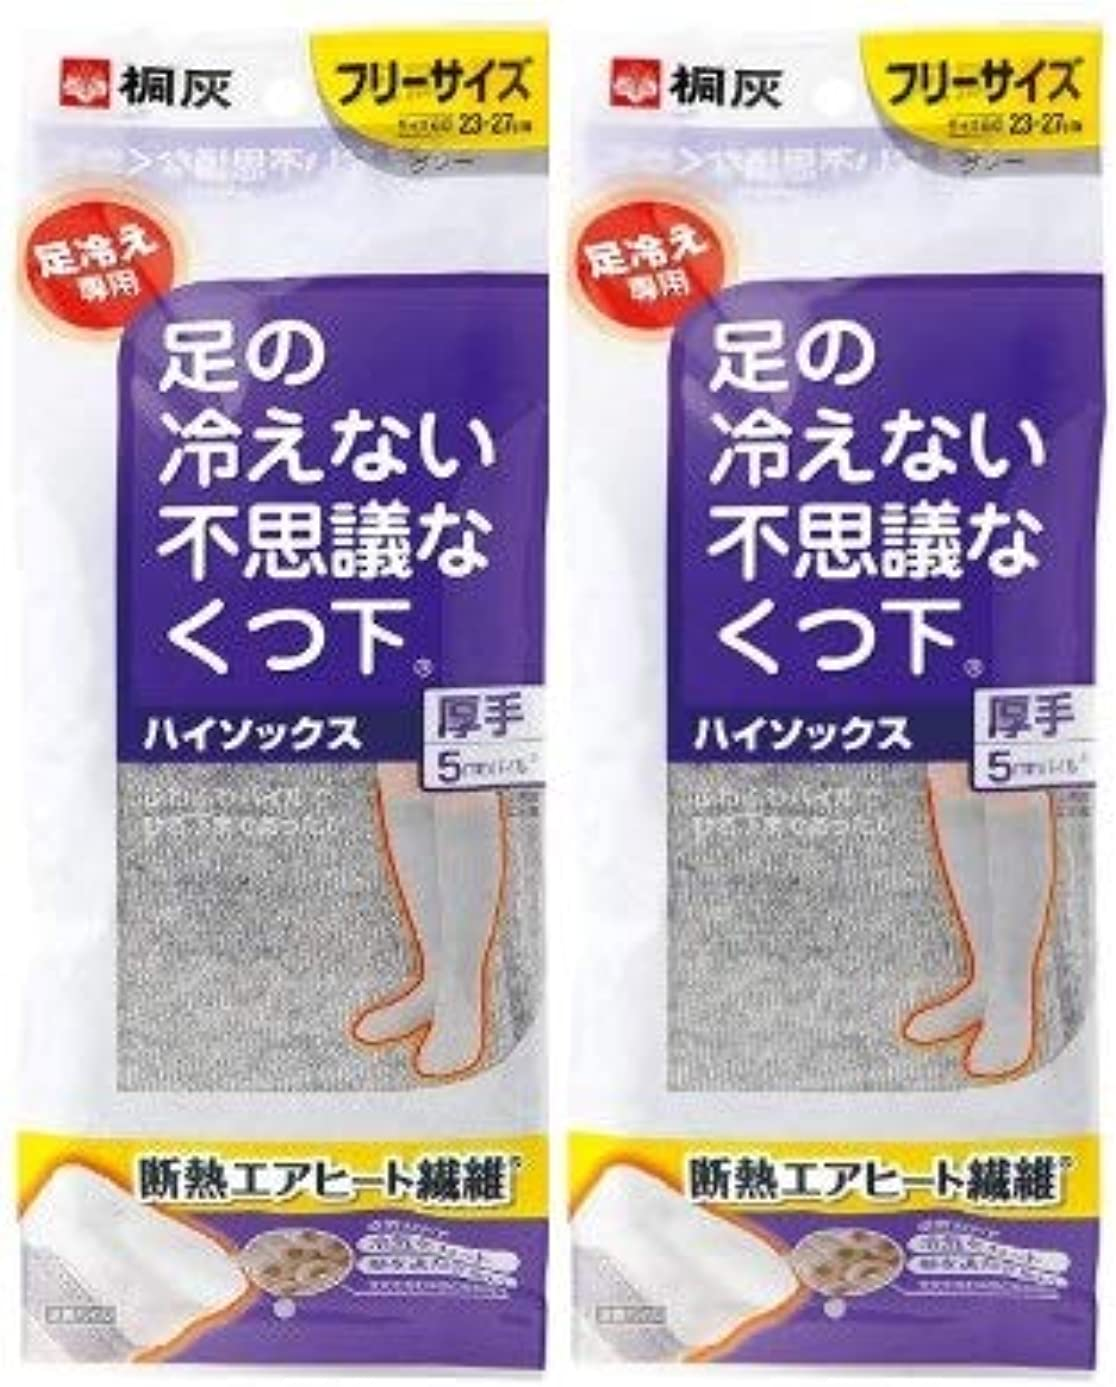 【まとめ買い】桐灰化学 足の冷えない不思議なくつ下 ハイソックス 厚手 足冷え専用 フリーサイズ グレー 1足分(2個入)×2個セット